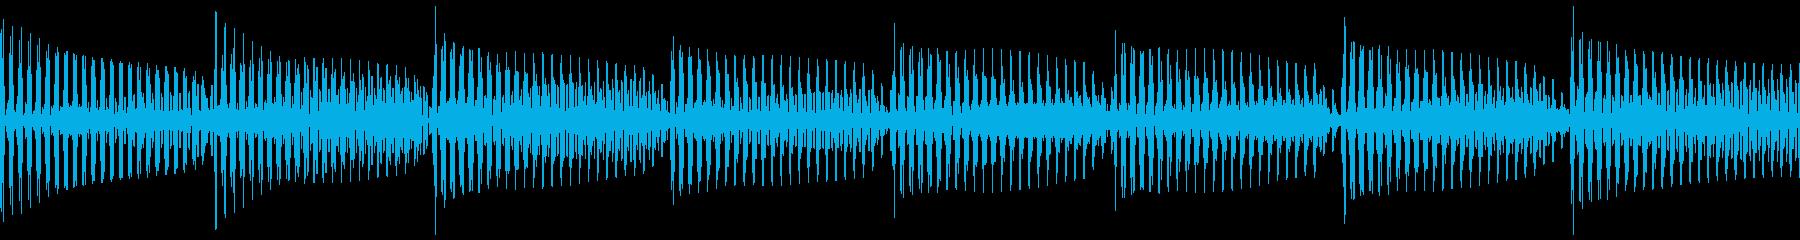 ベースピック弾き 4/4 80(ド)1の再生済みの波形